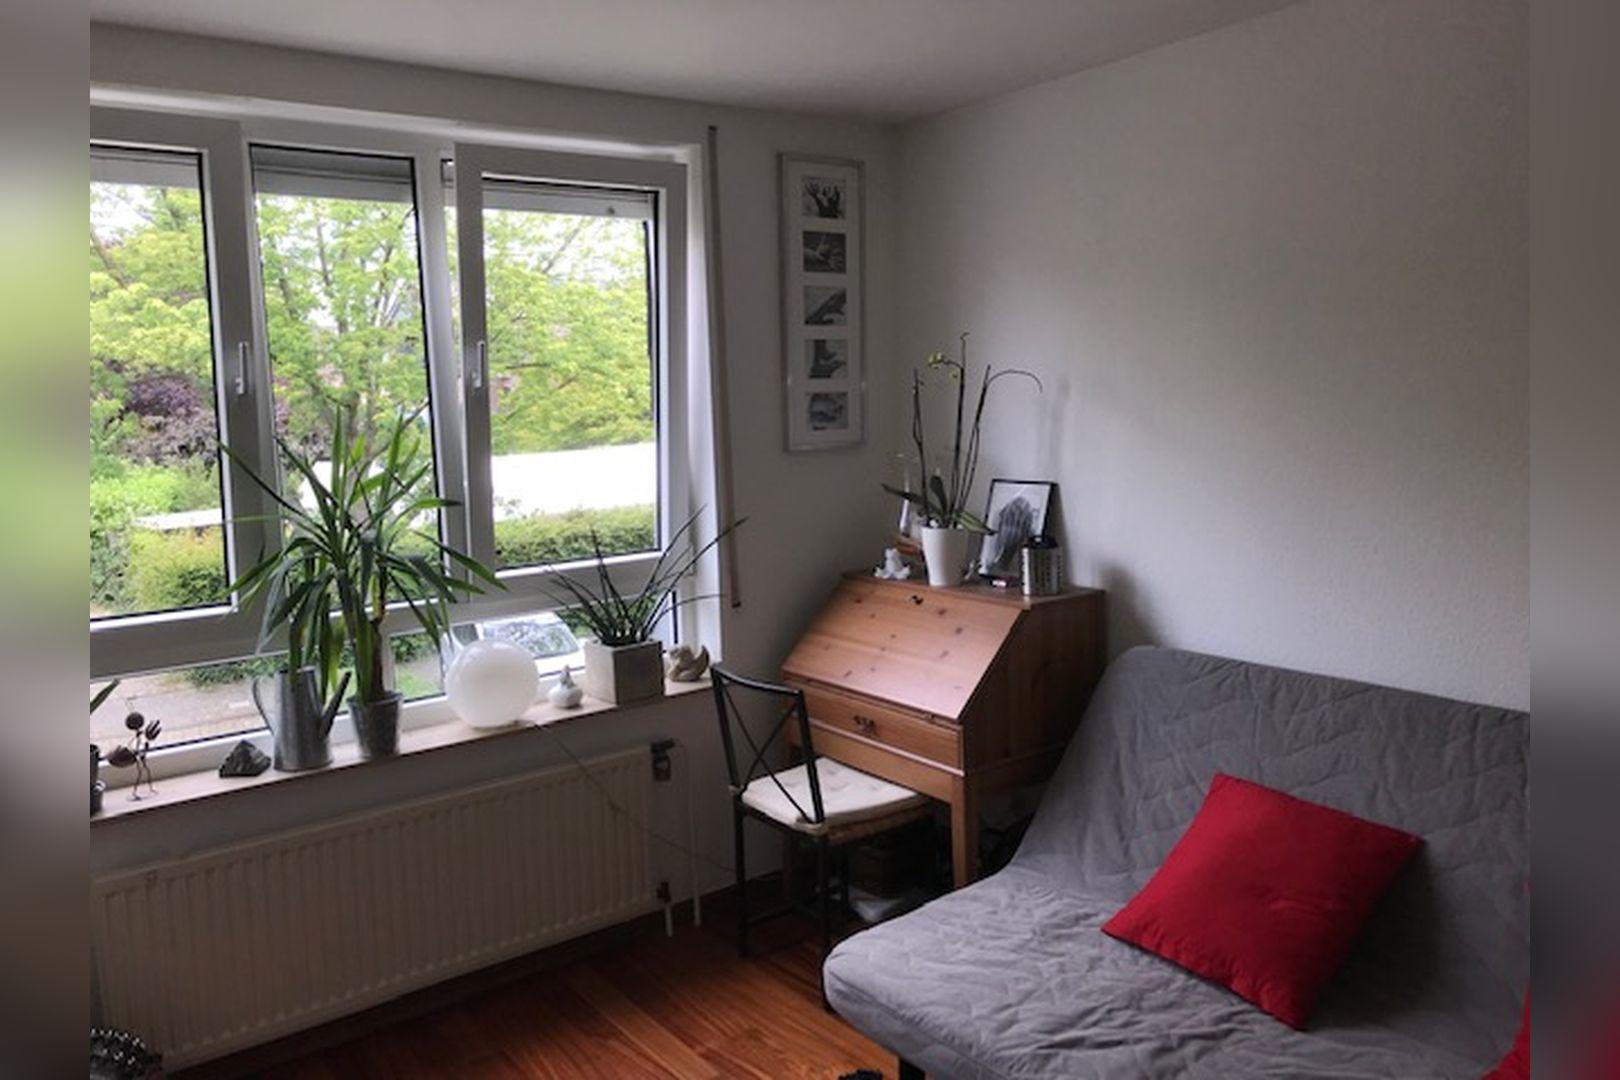 Immobilie Nr.0264 - großzügige Vier-Raum-Wohnung mit Riesenkellerraum für Hobby etc. - Bild 4.jpg